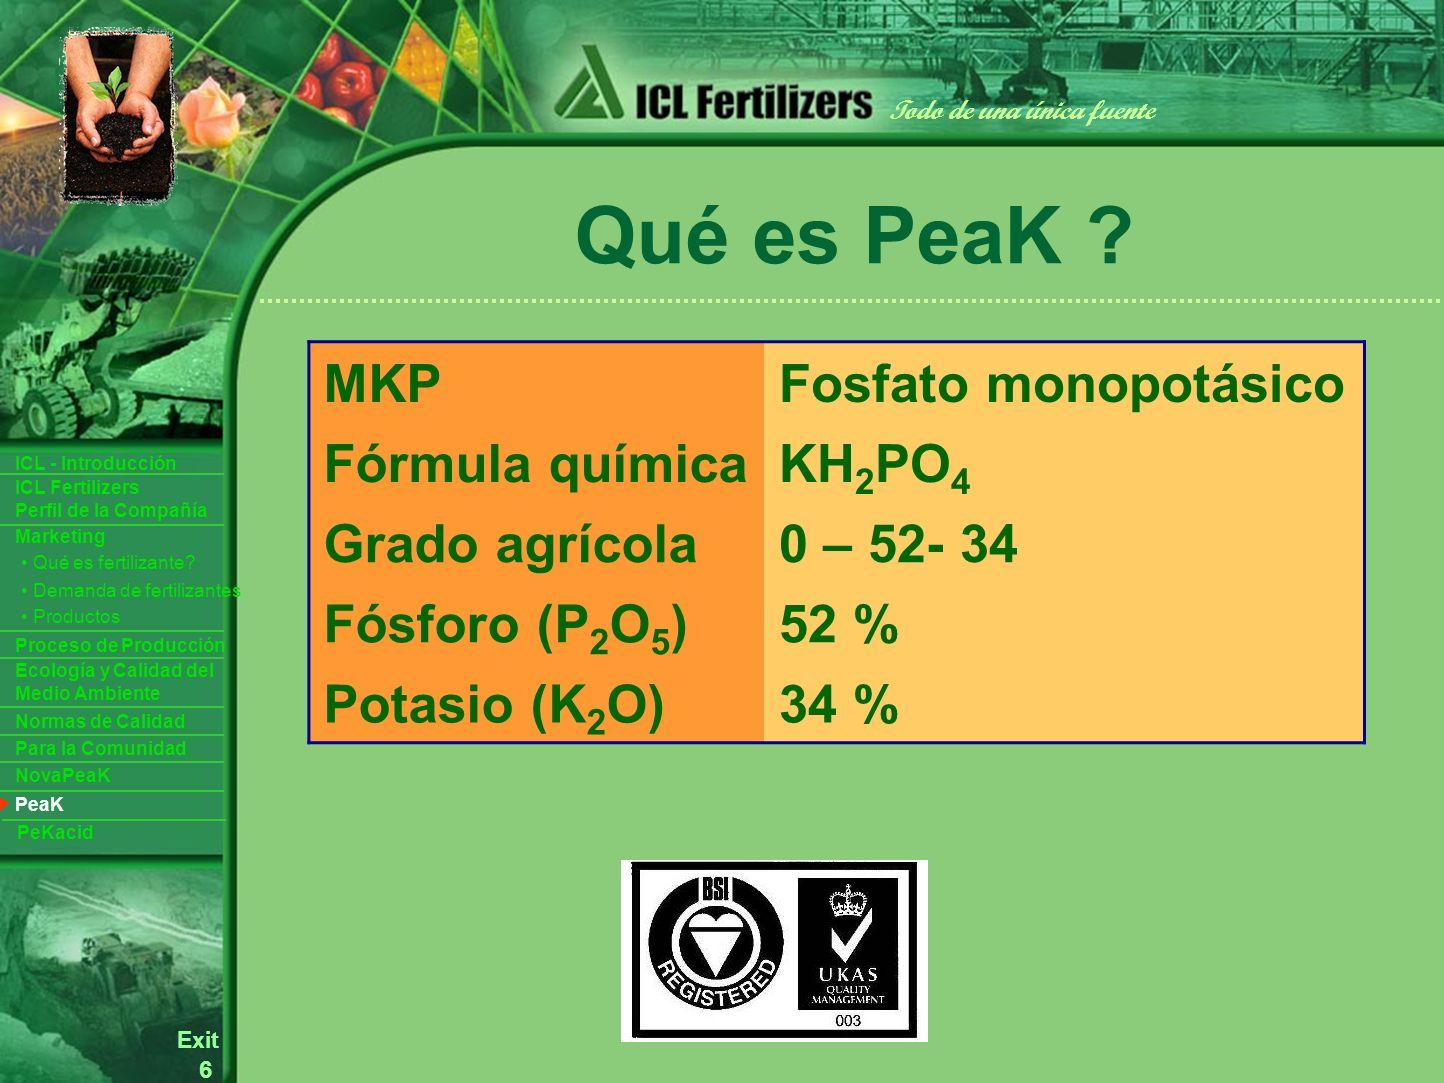 6 Exit Todo de una única fuente ICL Fertilizers Perfil de la Compañía ICL - Introducción Productos Para la Comunidad Ecología y Calidad del Medio Ambiente Normas de Calidad Marketing Proceso de Producción Demanda de fertilizantes Qué es fertilizante.